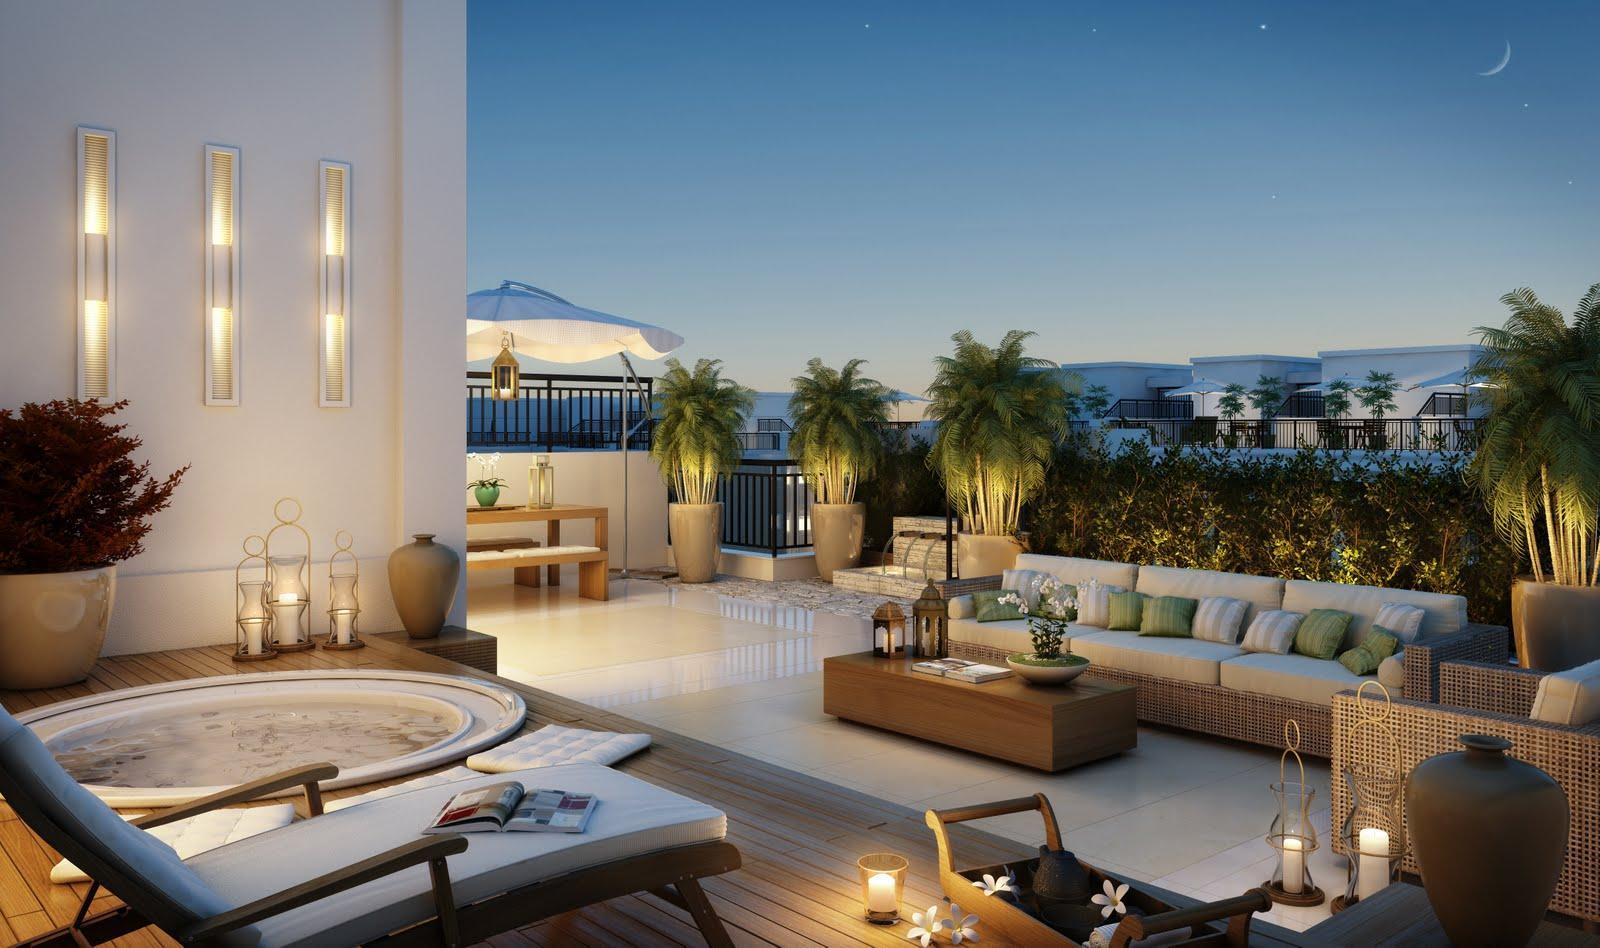 #3E688D Imagem 13 – O terraço conta com uma cobertura moderna e divisória  1600x948 píxeis em Casas Com Design